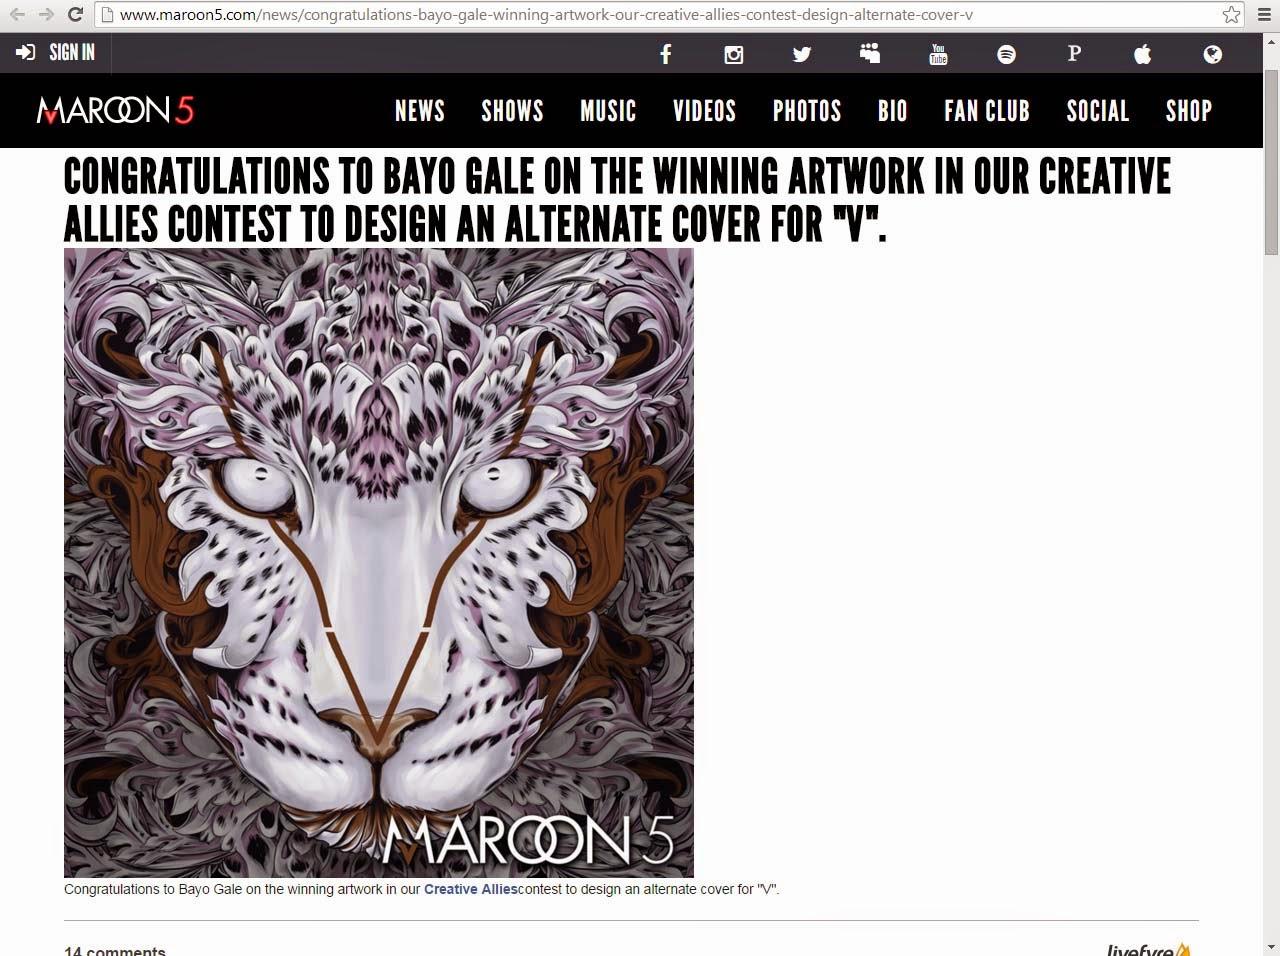 Karya Bayo Gale dalam album Maroon 5